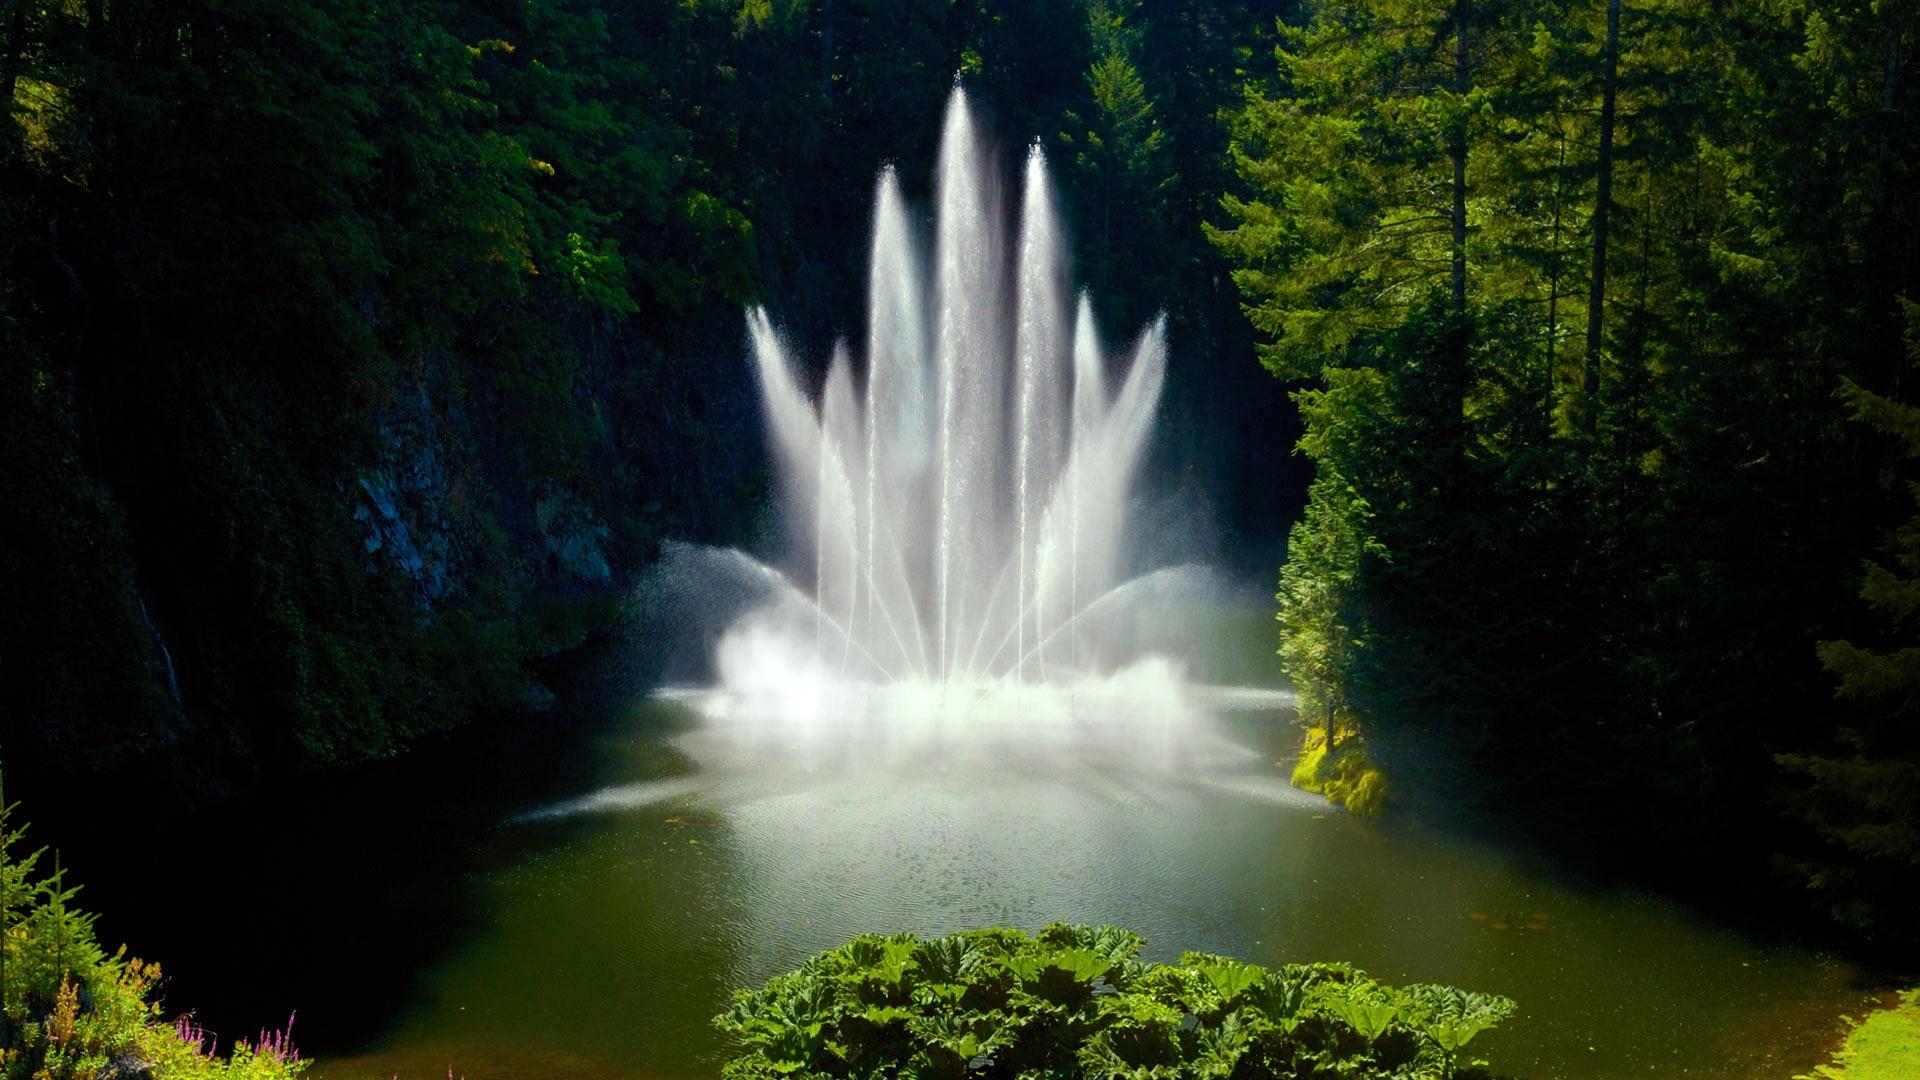 мишулина картинки фонтана природа взгляда глубину